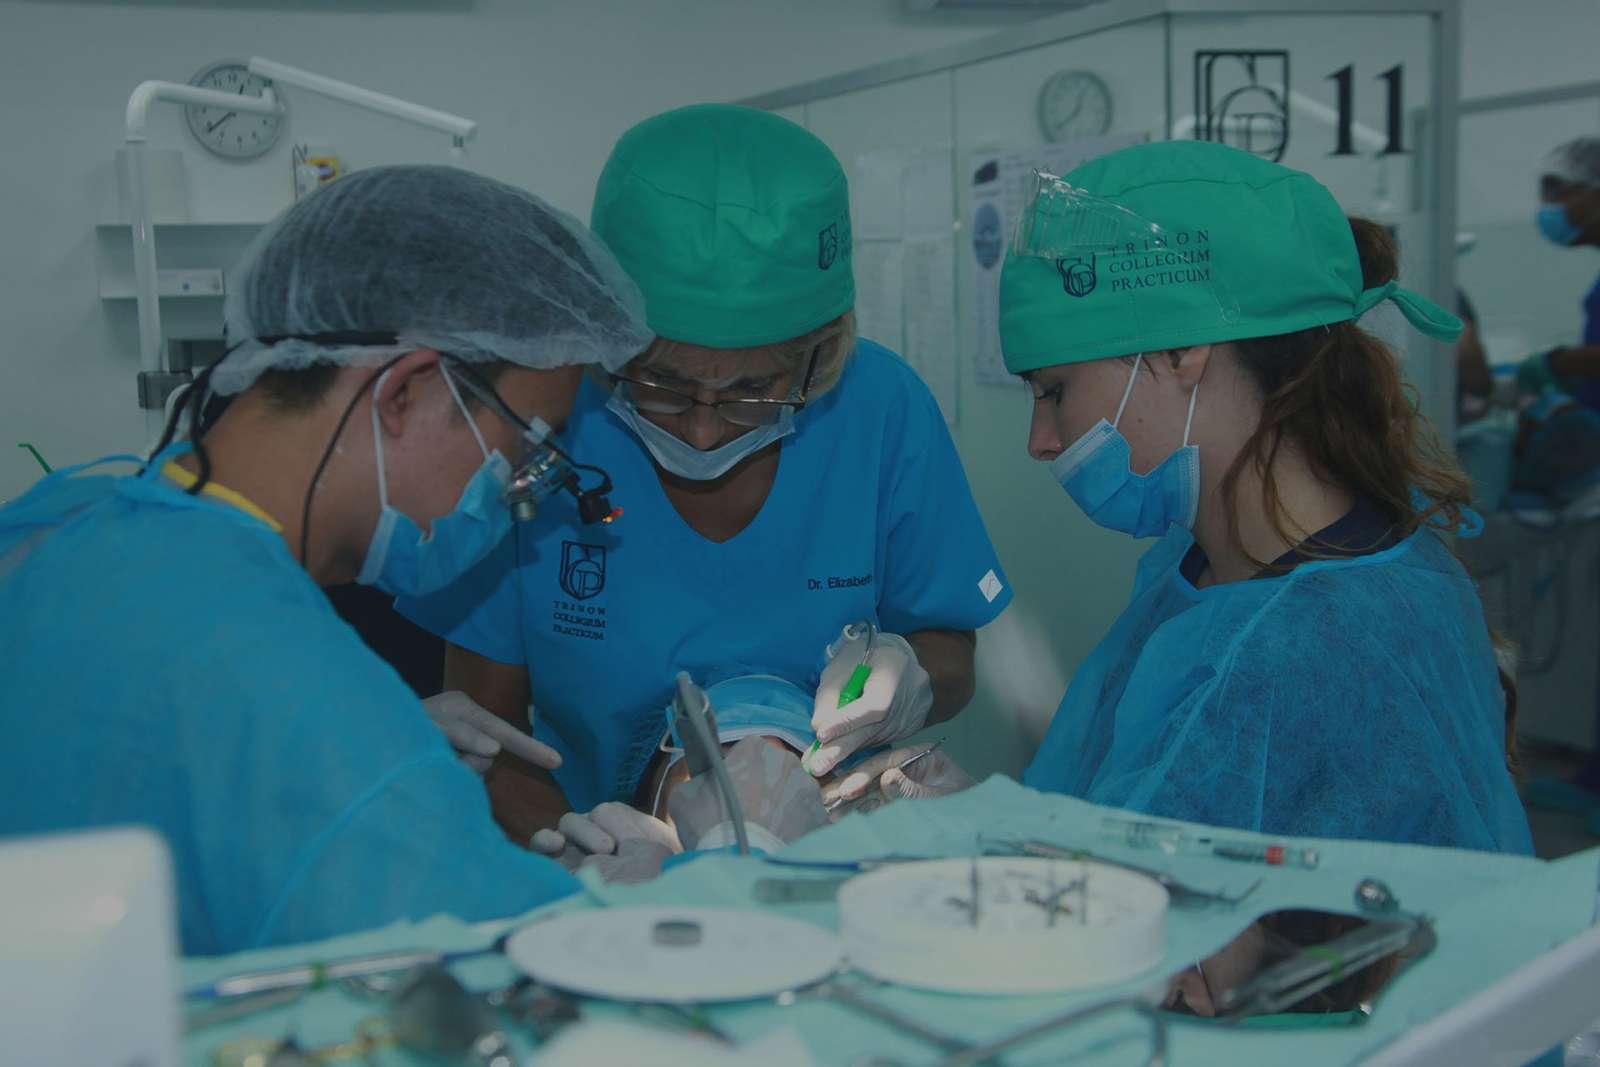 Trinon Collegium Practicum dental implant courses